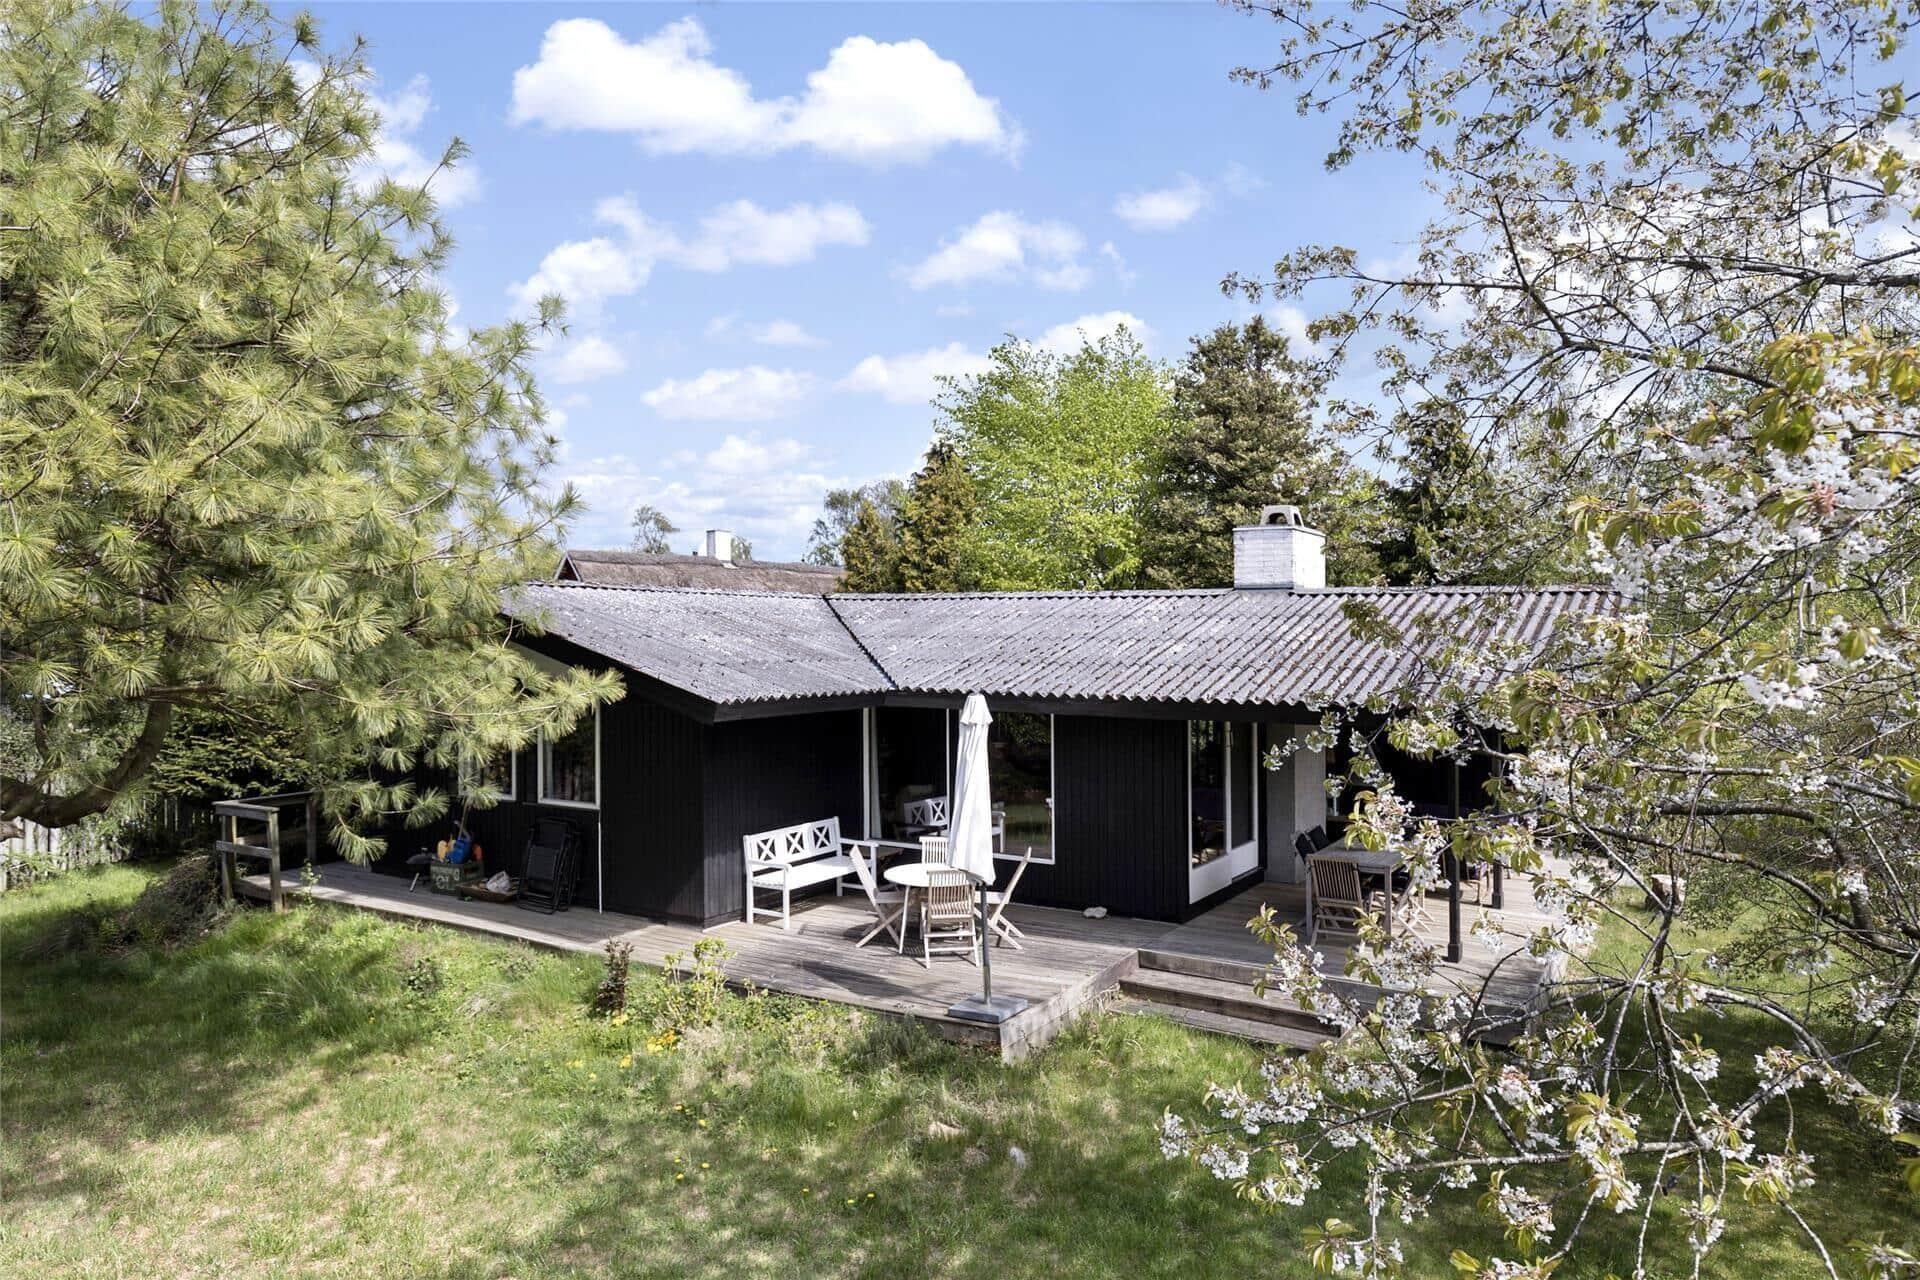 Billede 1-17 Sommerhus 11800, Græslodden 2, DK - 4500 Nykøbing Sj